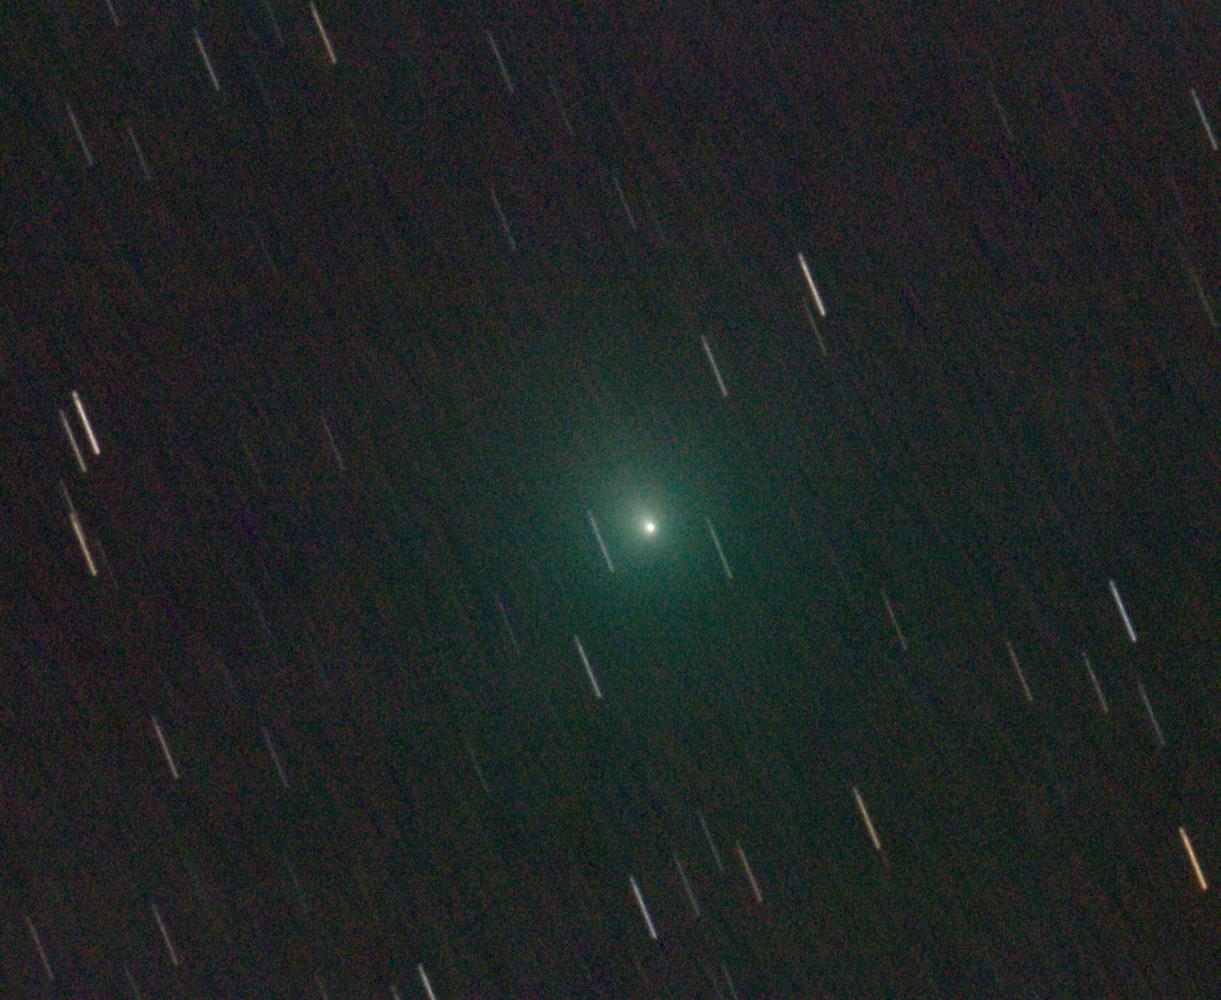 Komet Wirtanen